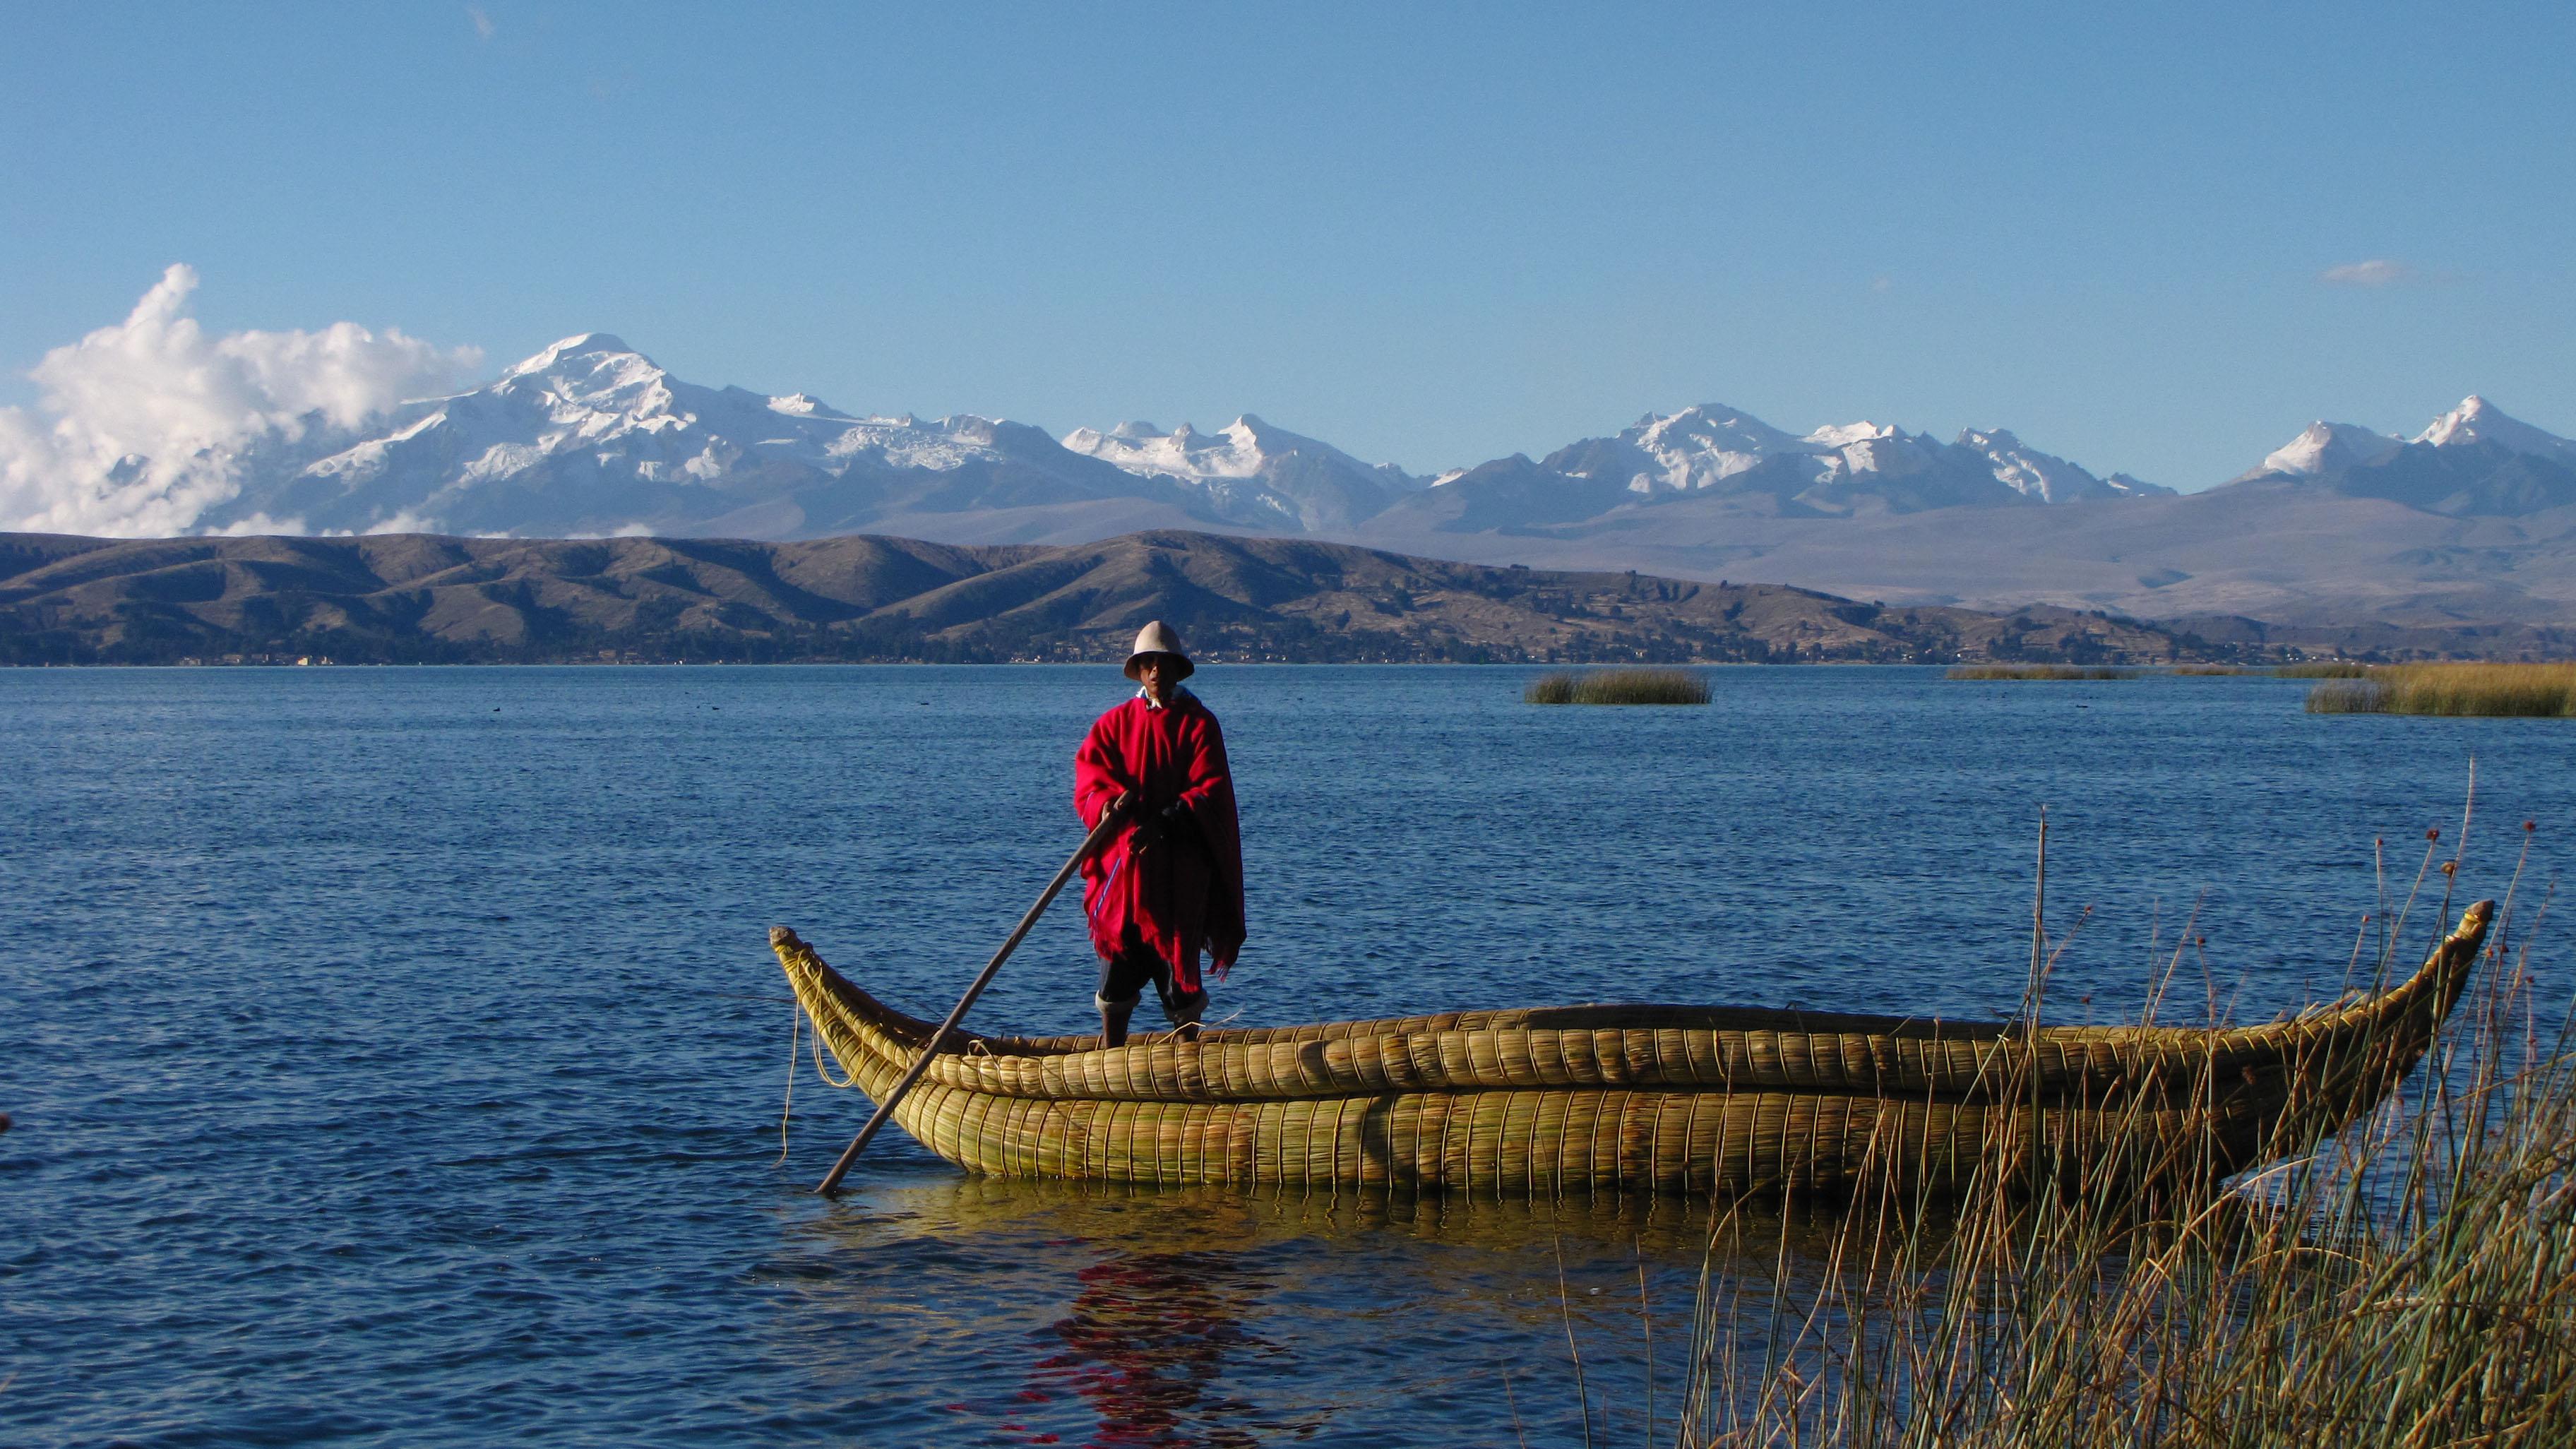 cosas que hacer en bolivia, bolivia, la paz, turismo, cosas que hacer